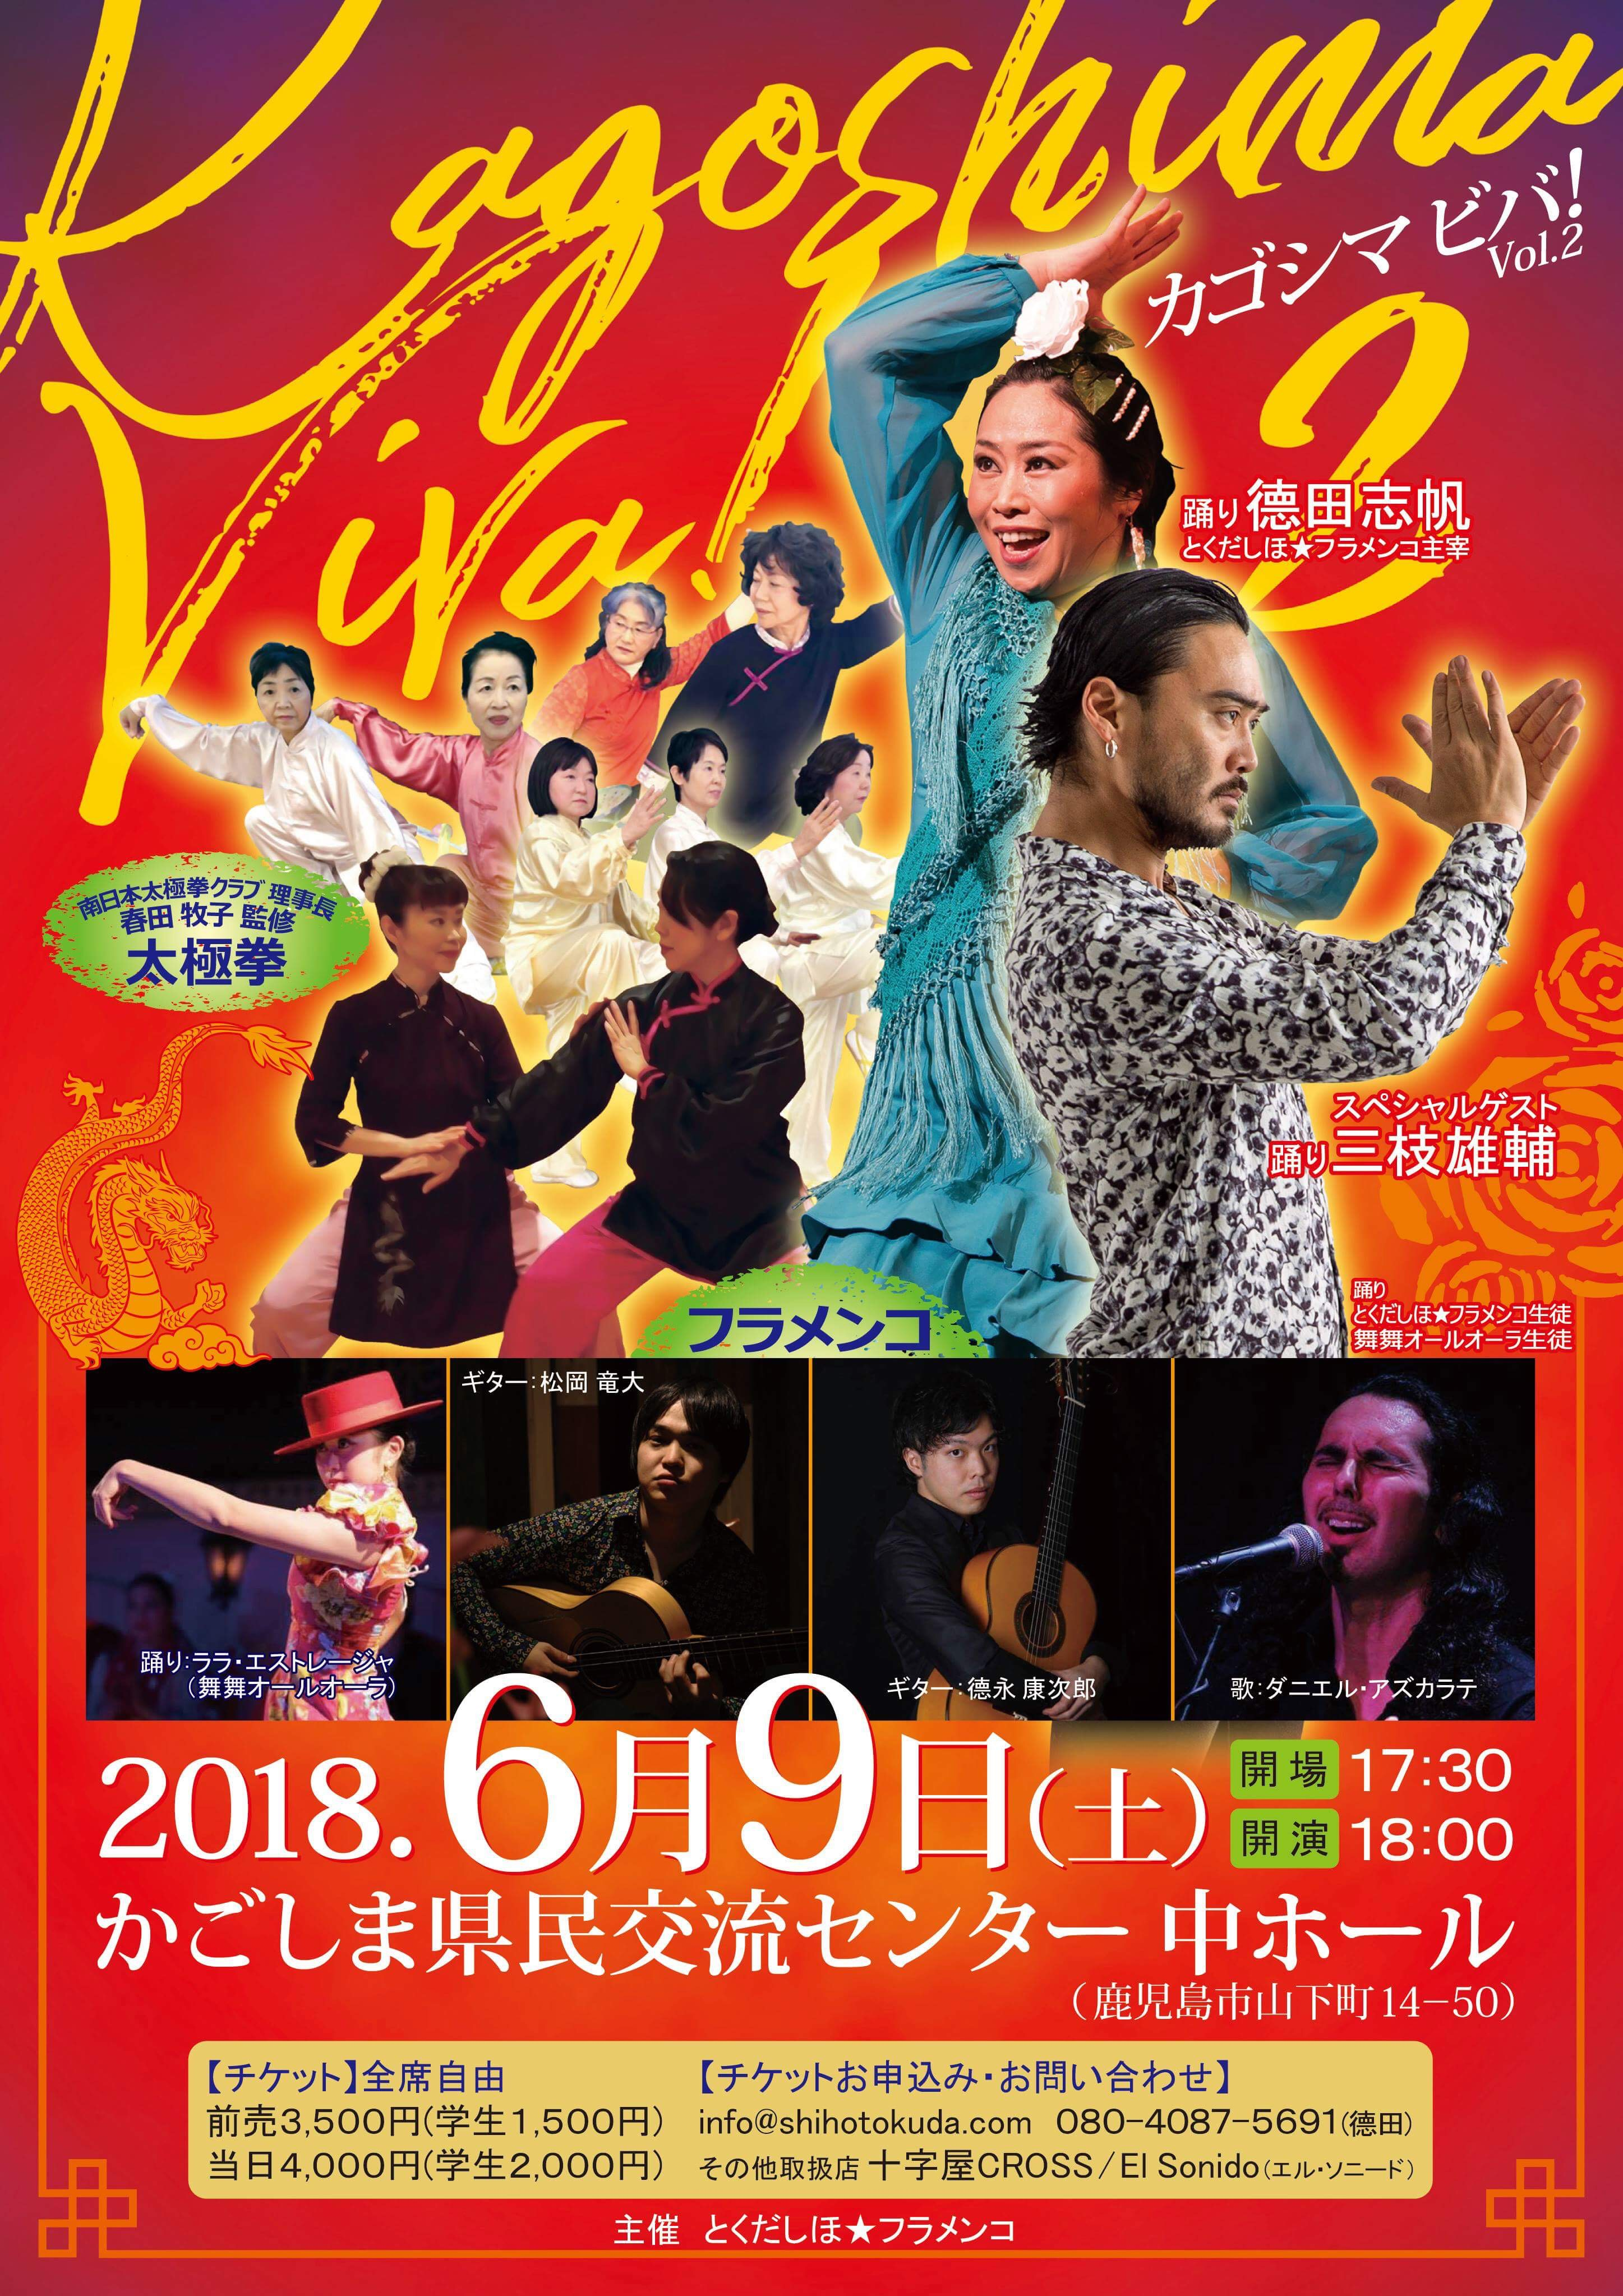 「カゴシマ ビバ! Vol. 2」 2018.06.09